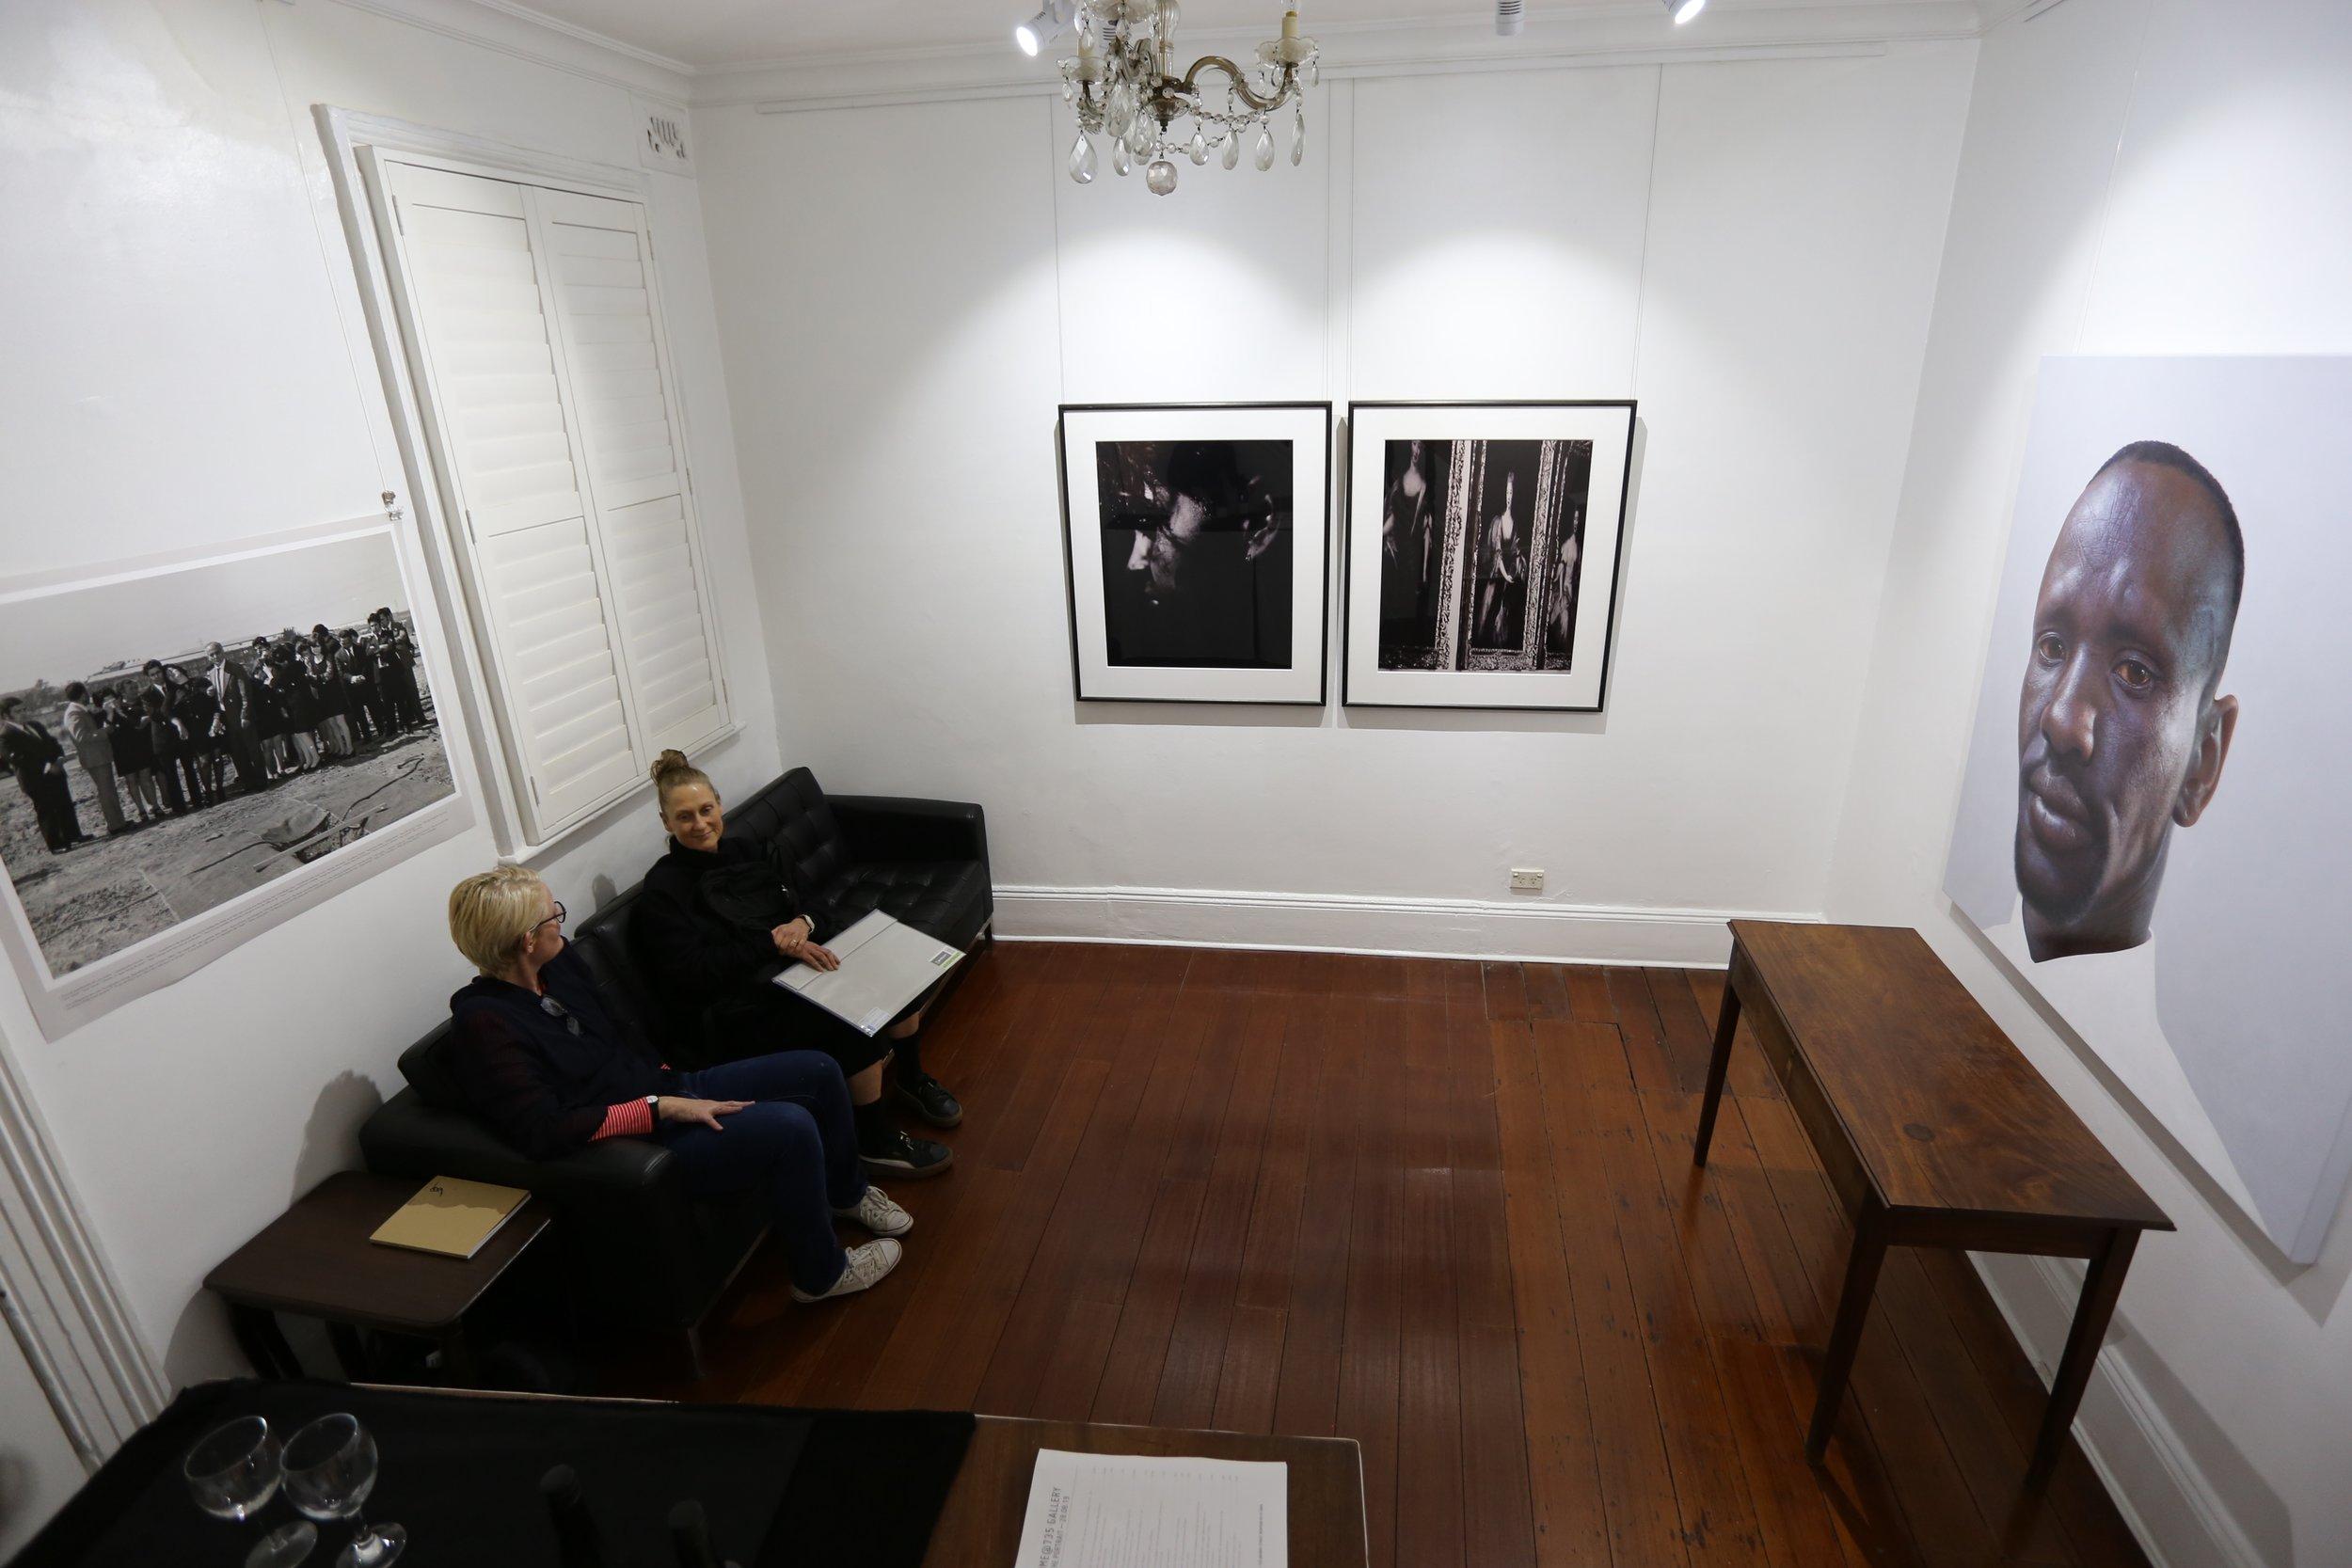 'The Portrait' exhibition